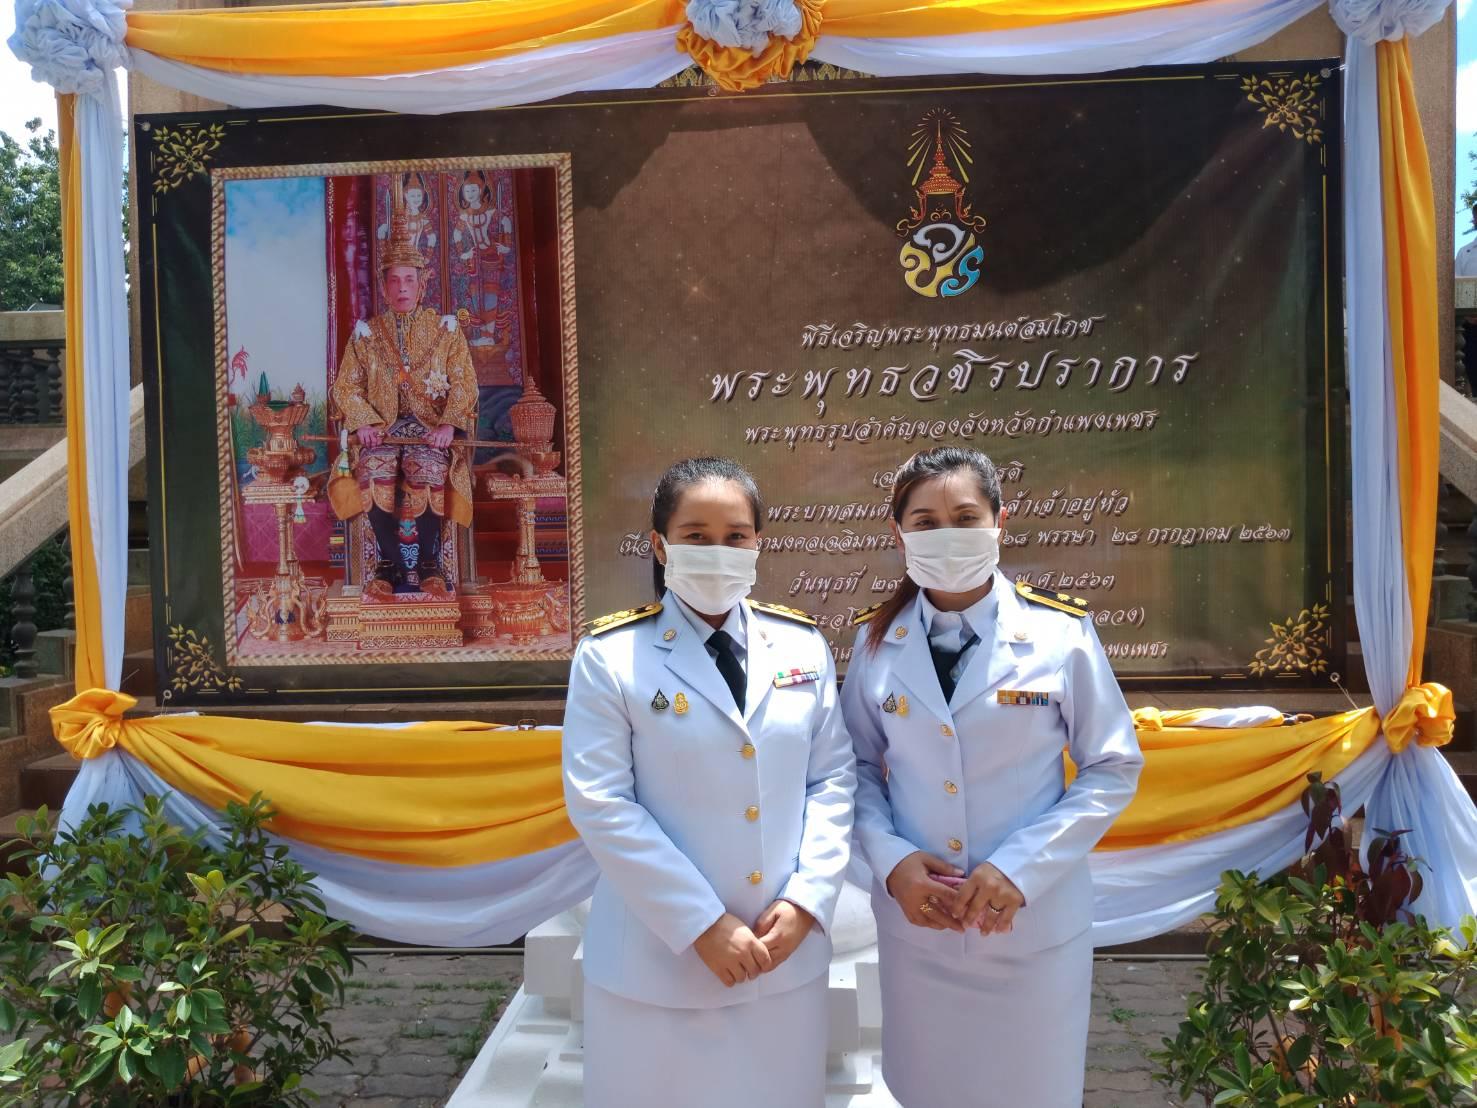 พิธีเจริญพระพุทธมนต์สมโภชพระพุทธวชิรปราการ เฉลิมพระเกียรติพระบาทสมเด็จพระเจ้าอยู่หัว